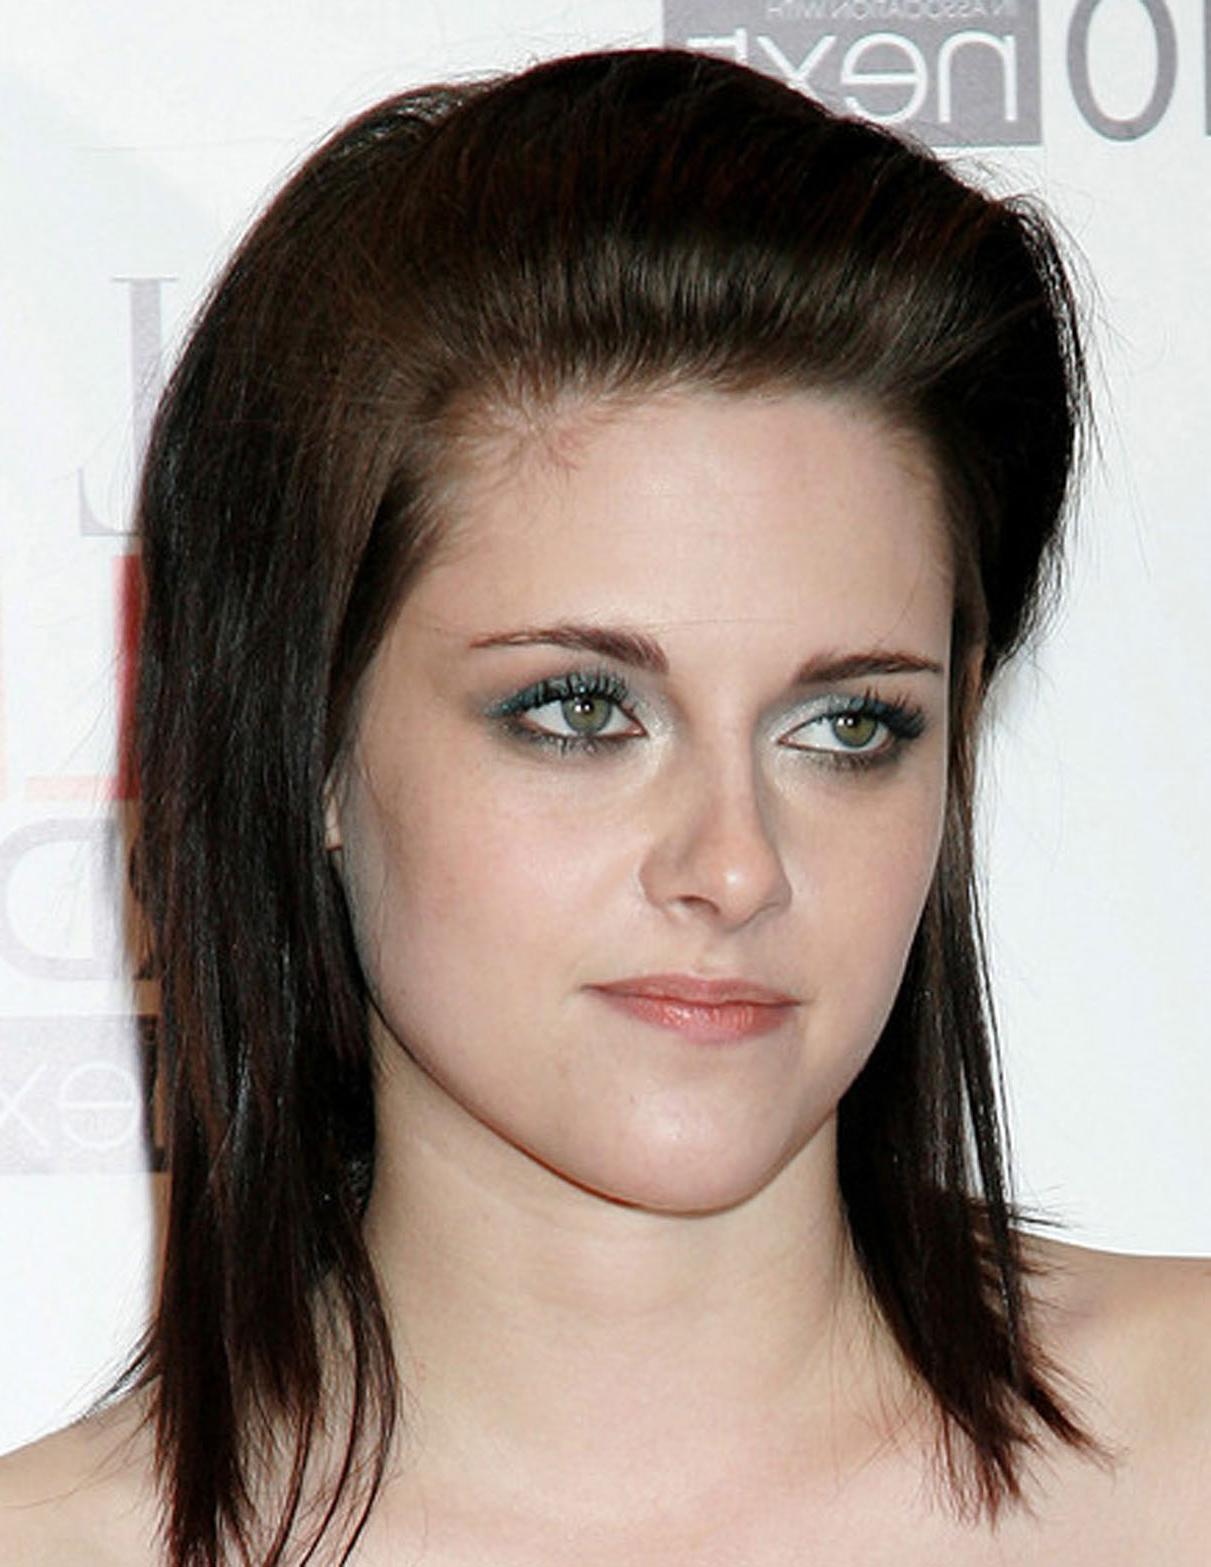 Famous Kristen Stewart Medium Hairstyles Inside Kristen Stewart Hairstyles – Hairstyles (View 3 of 20)